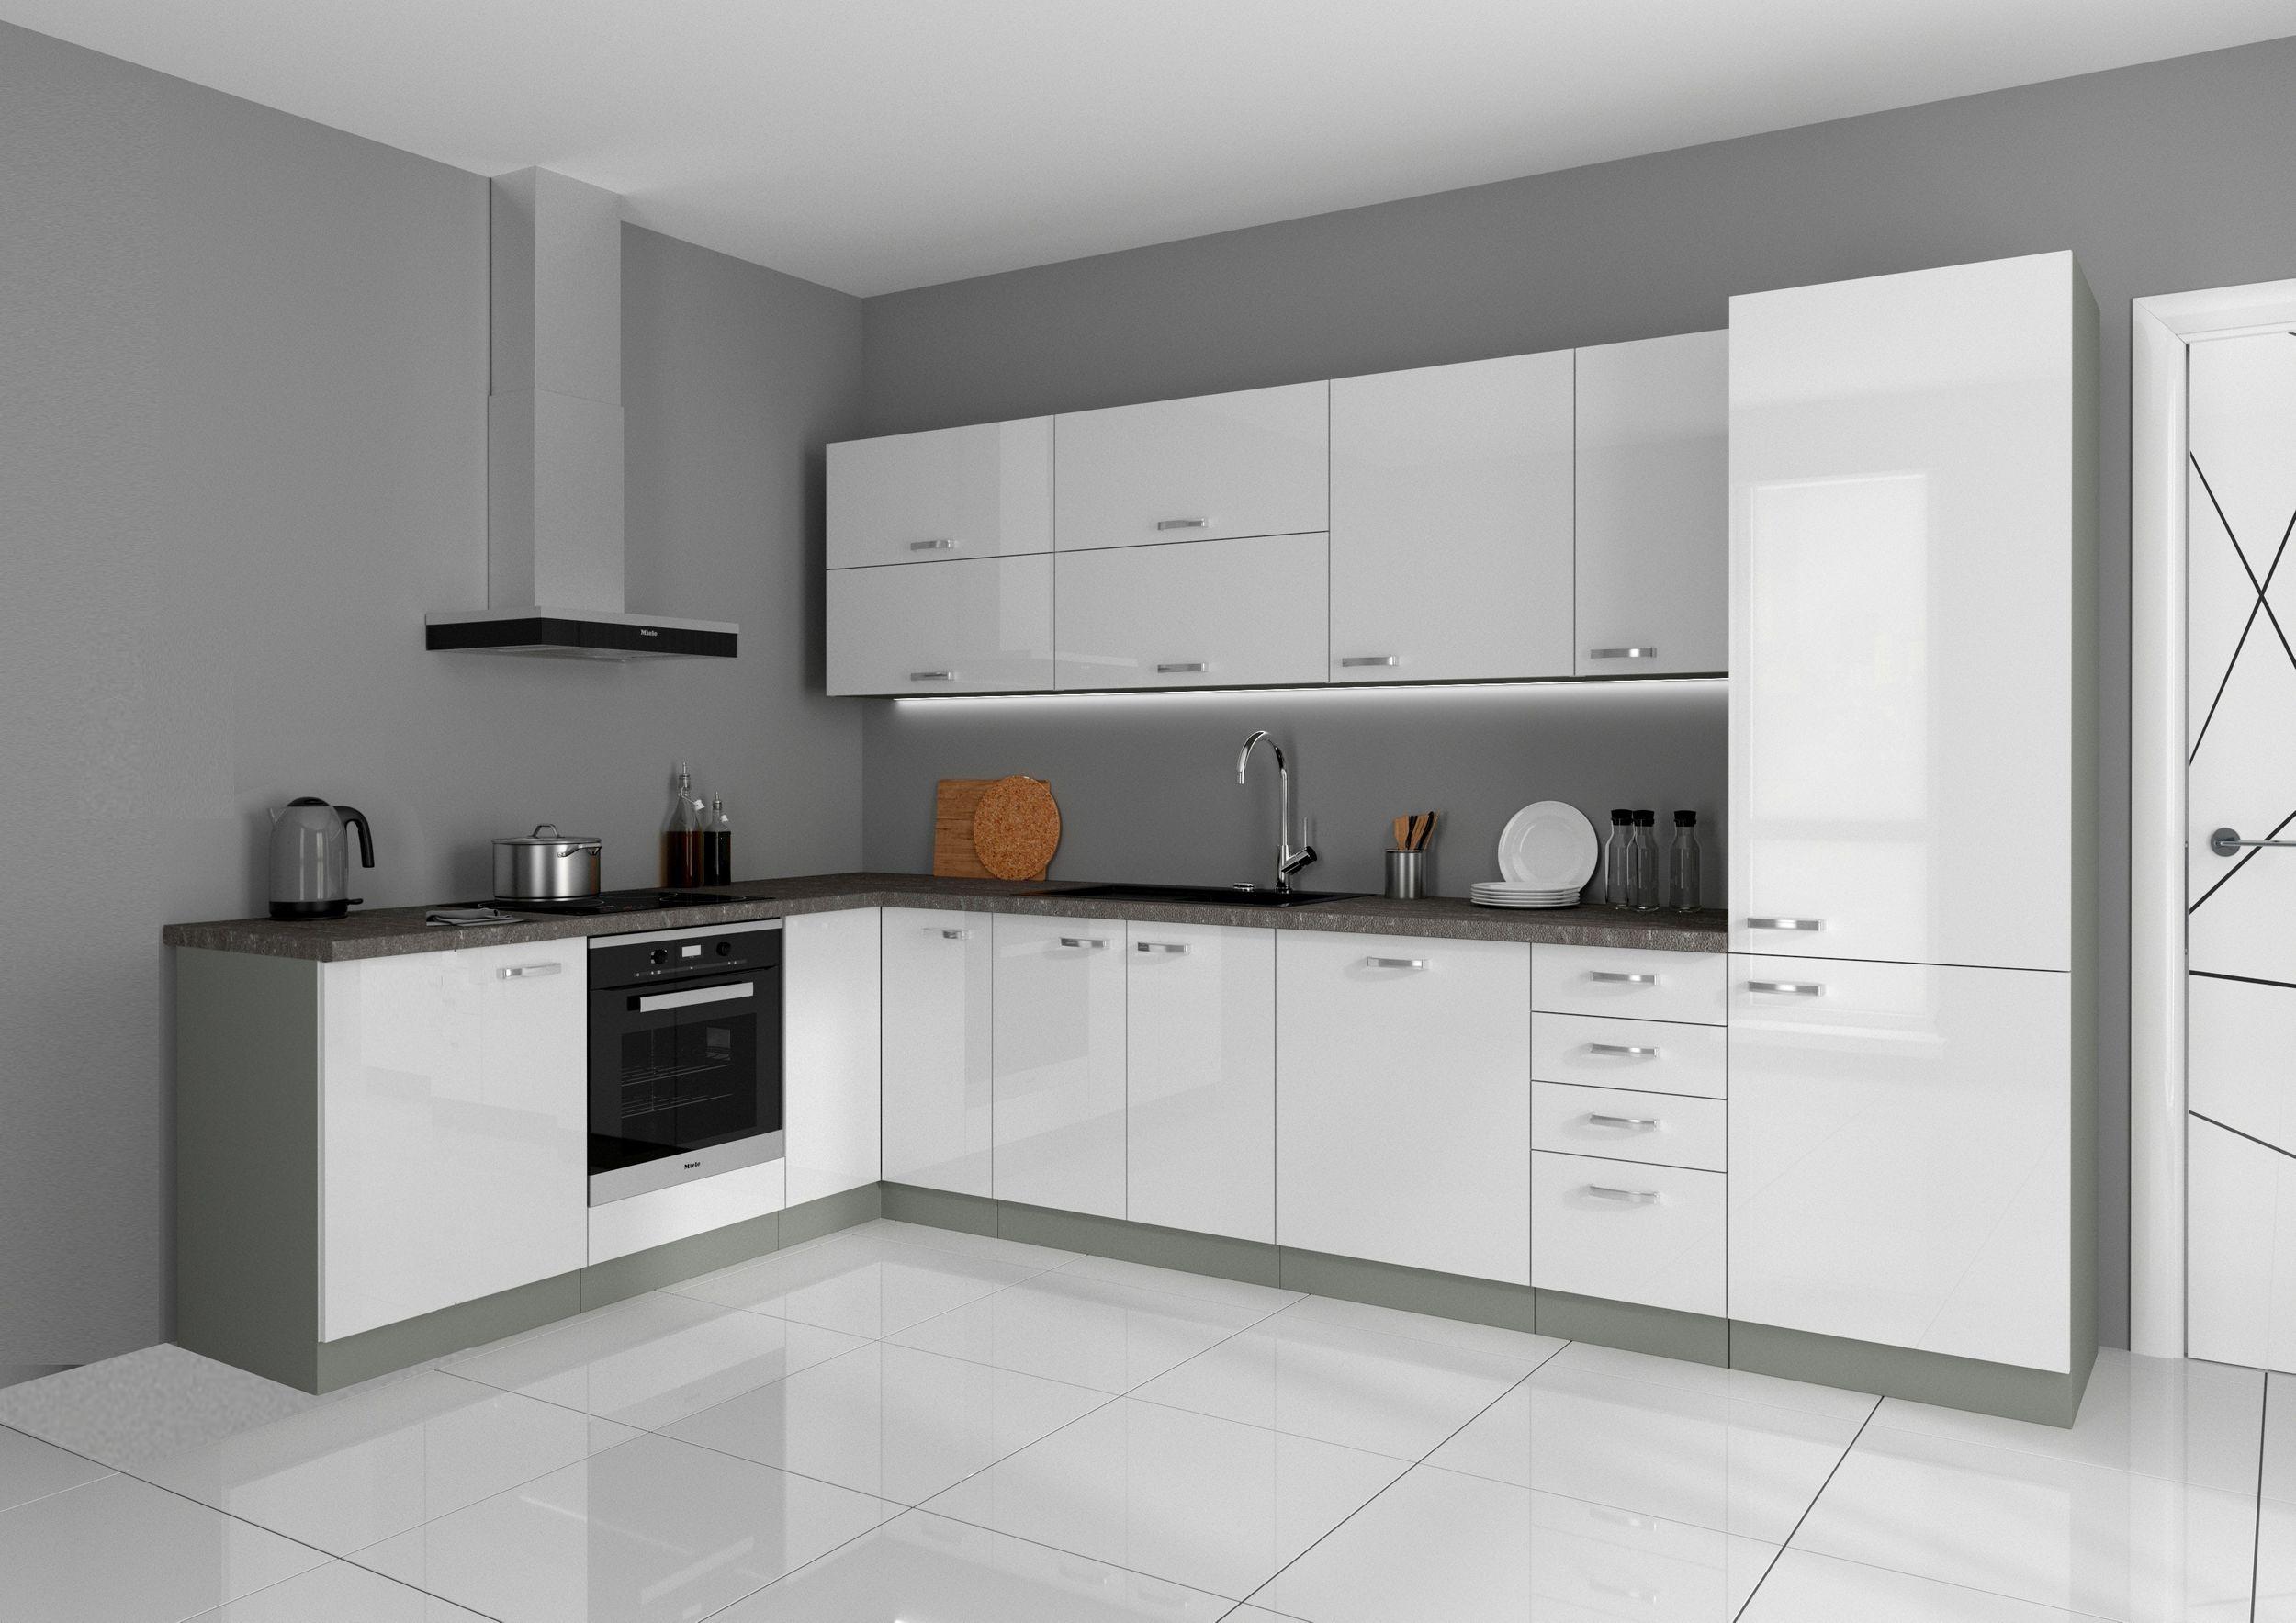 Küche Vario Ecke I 210x330 cm Küchenzeile in Hochglanz weiß Küchenblock